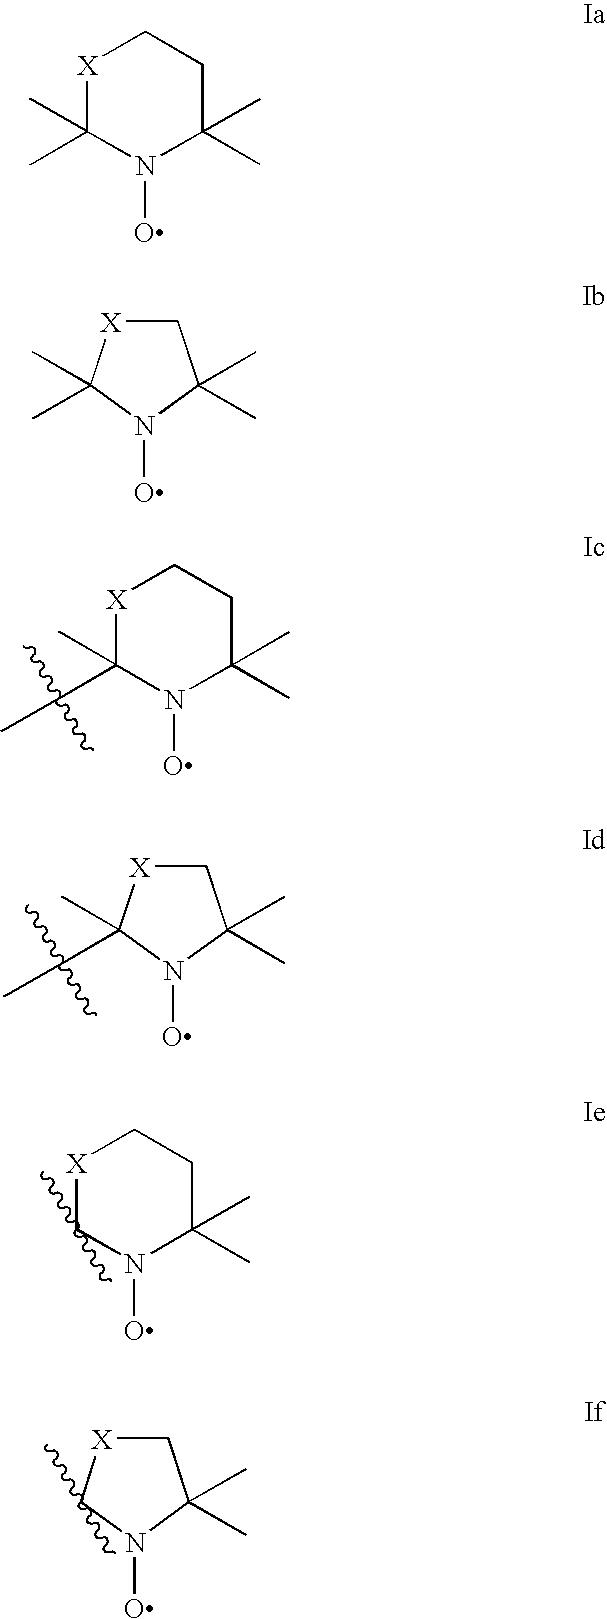 Figure US20050228184A1-20051013-C00005